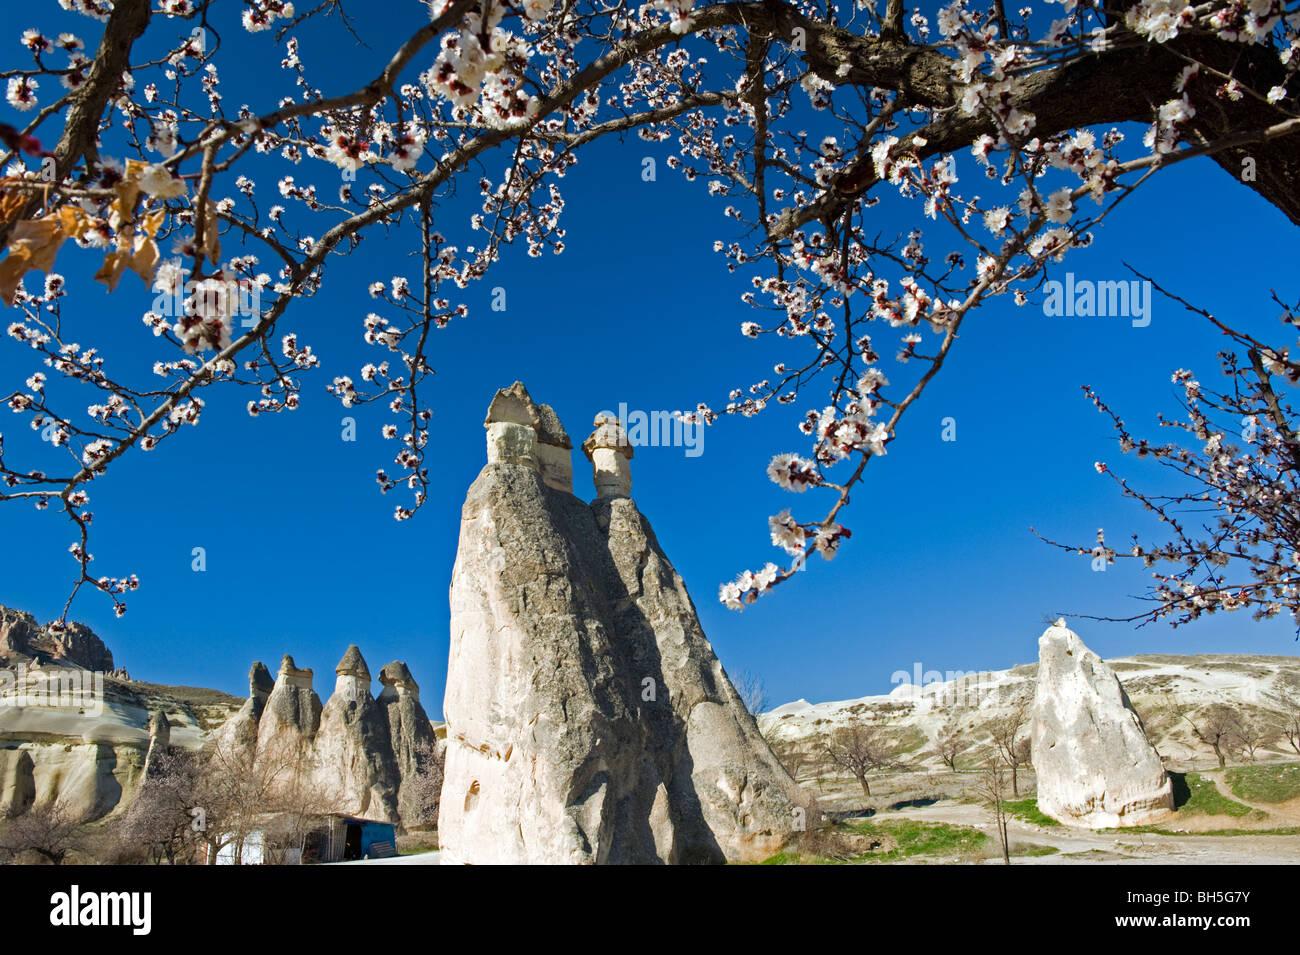 Cappadocia Fairy Chimneys Turkey - Stock Image